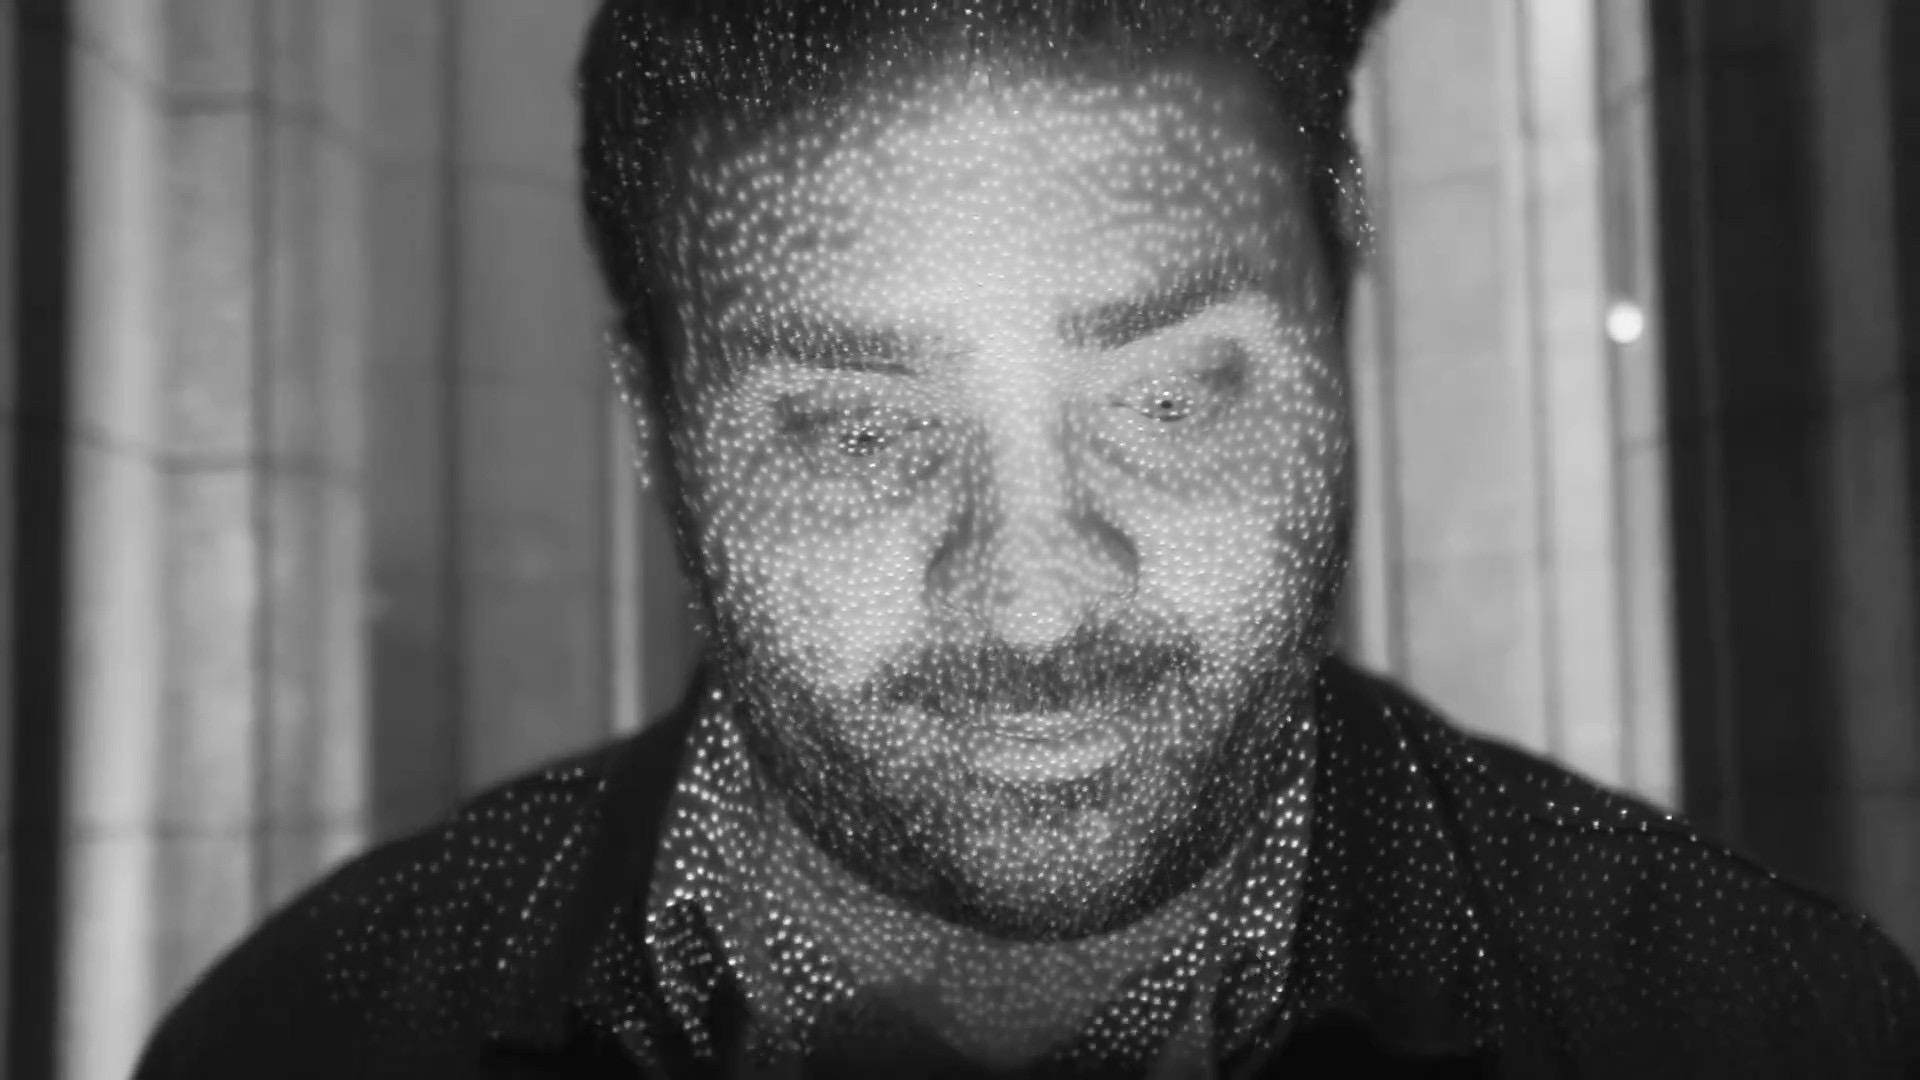 Nuage de points envoyés par FaceID et invisibles à l'œil nu (image extraite de cette vidéo réalisée par The Verge) Cliquer pour agrandir